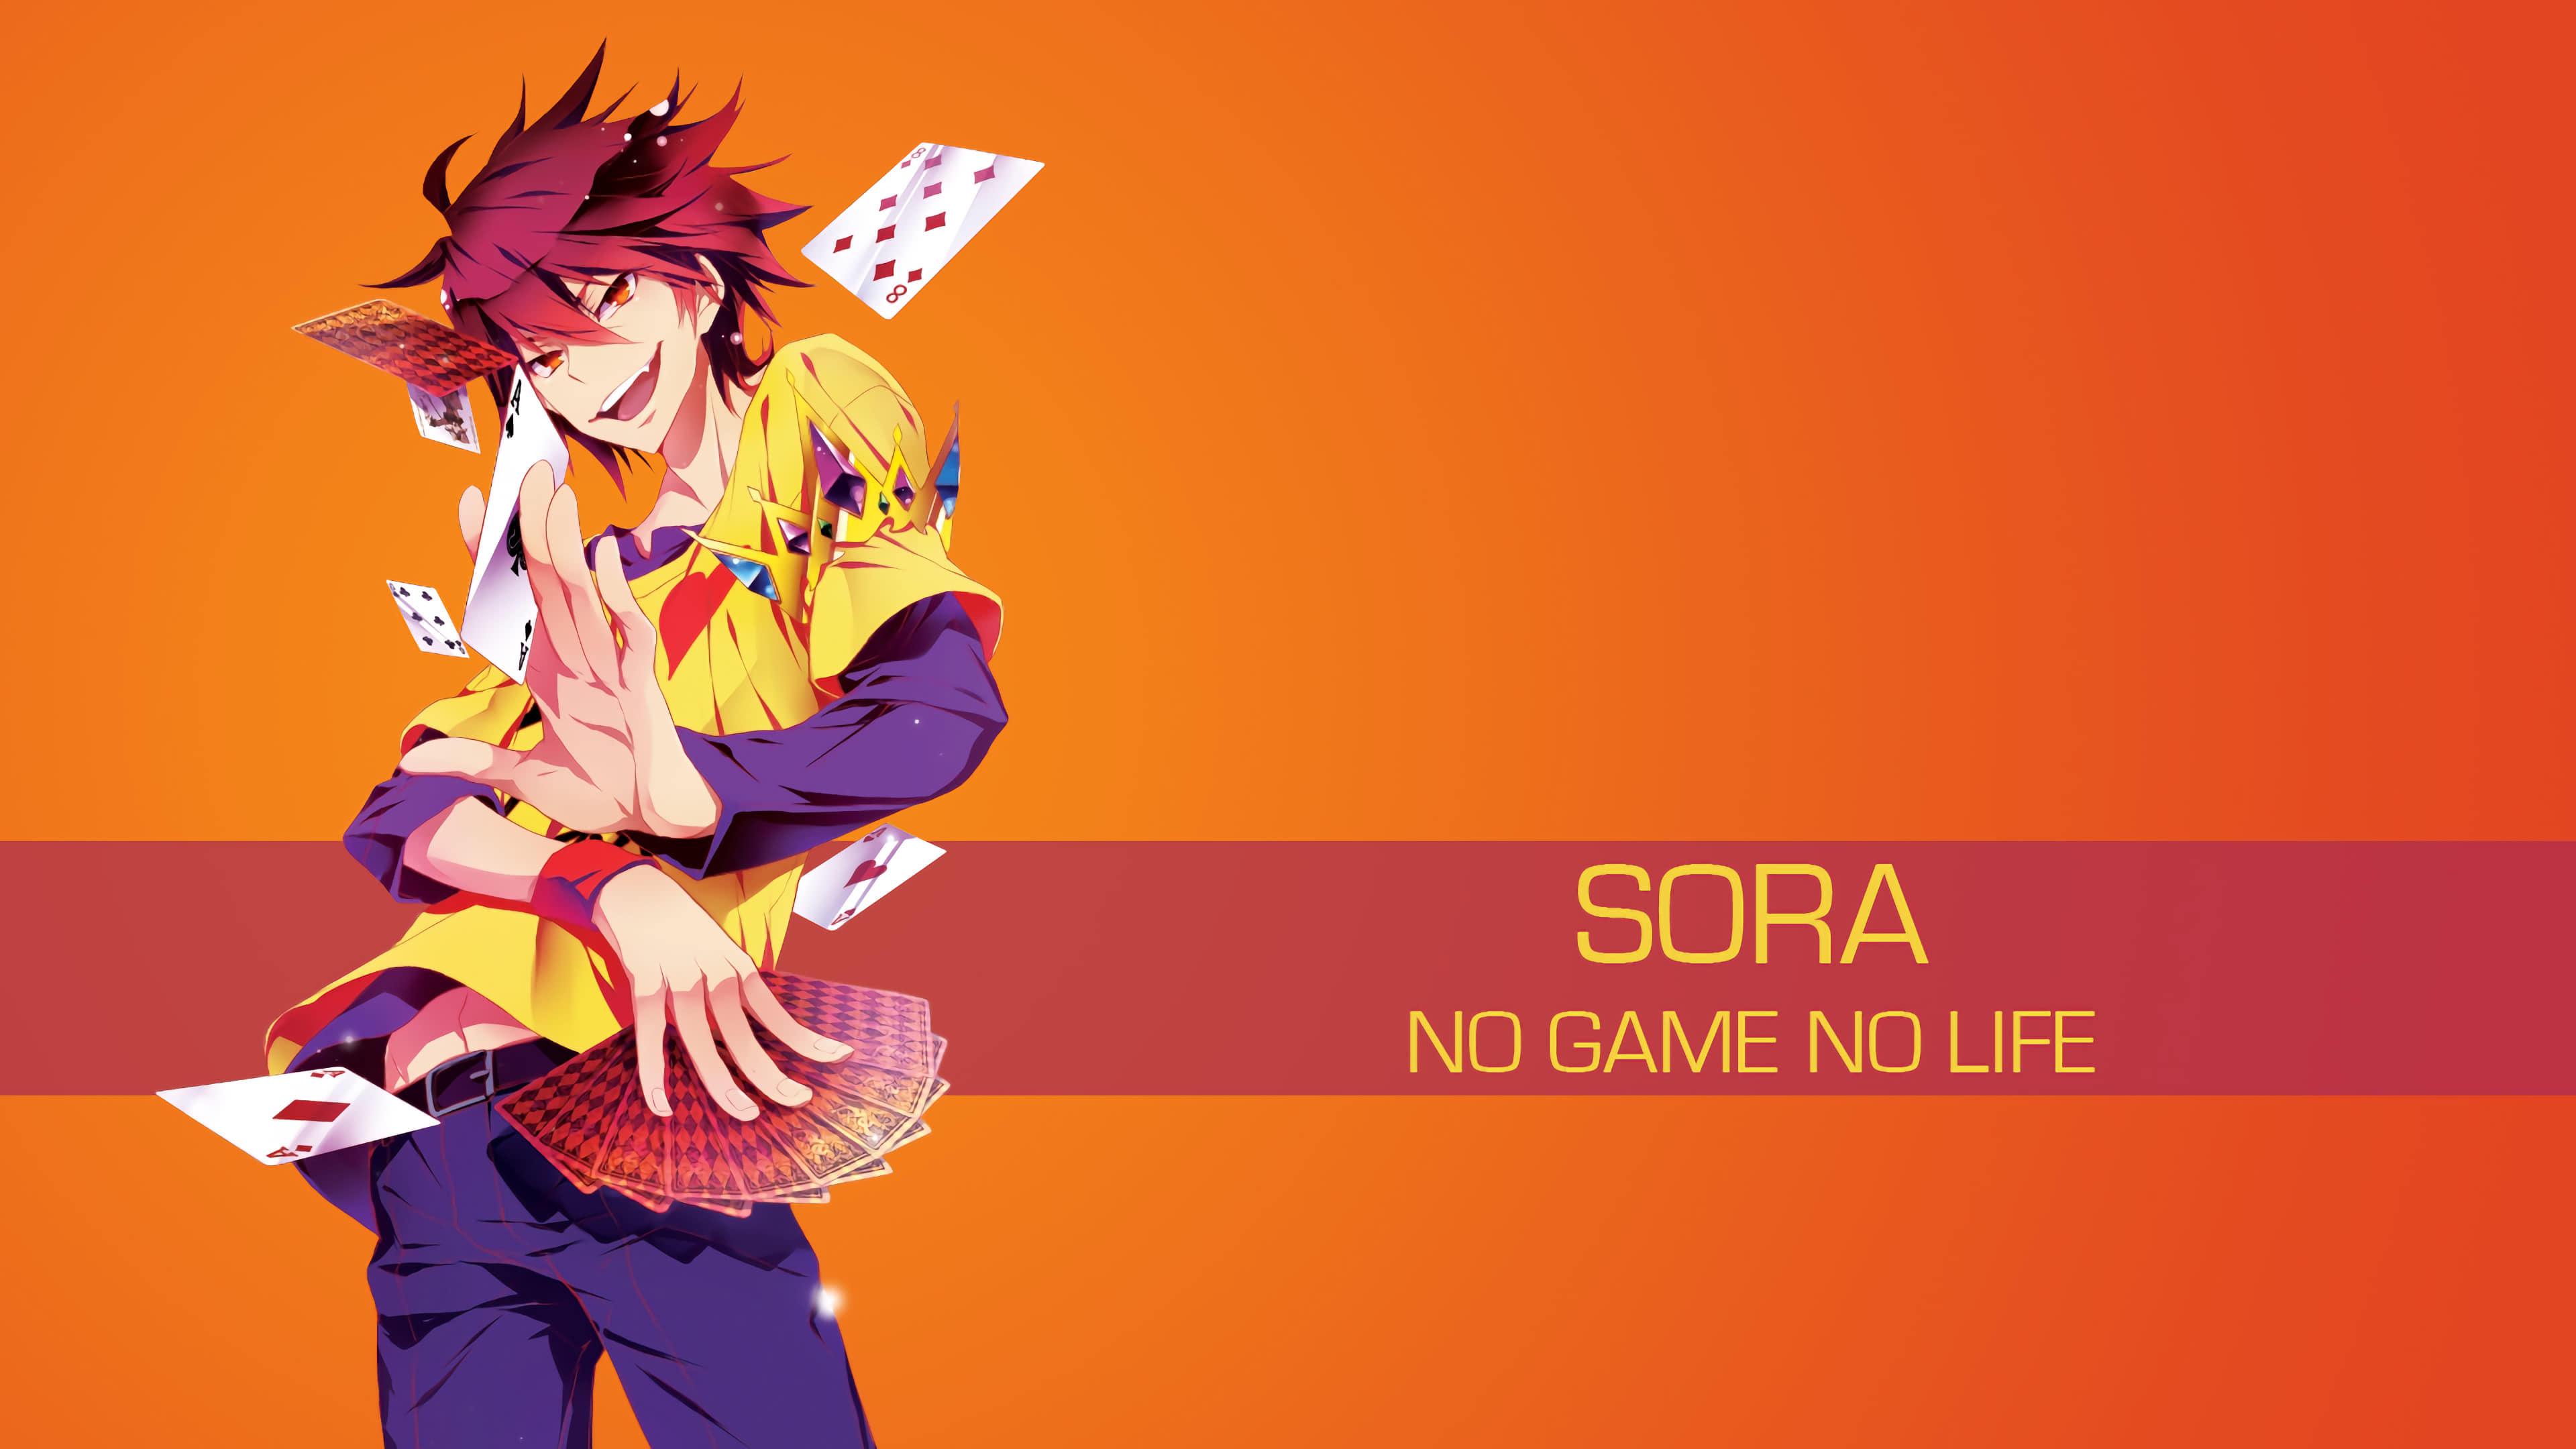 Sora No Game No Life Uhd 4k Wallpaper Pixelz